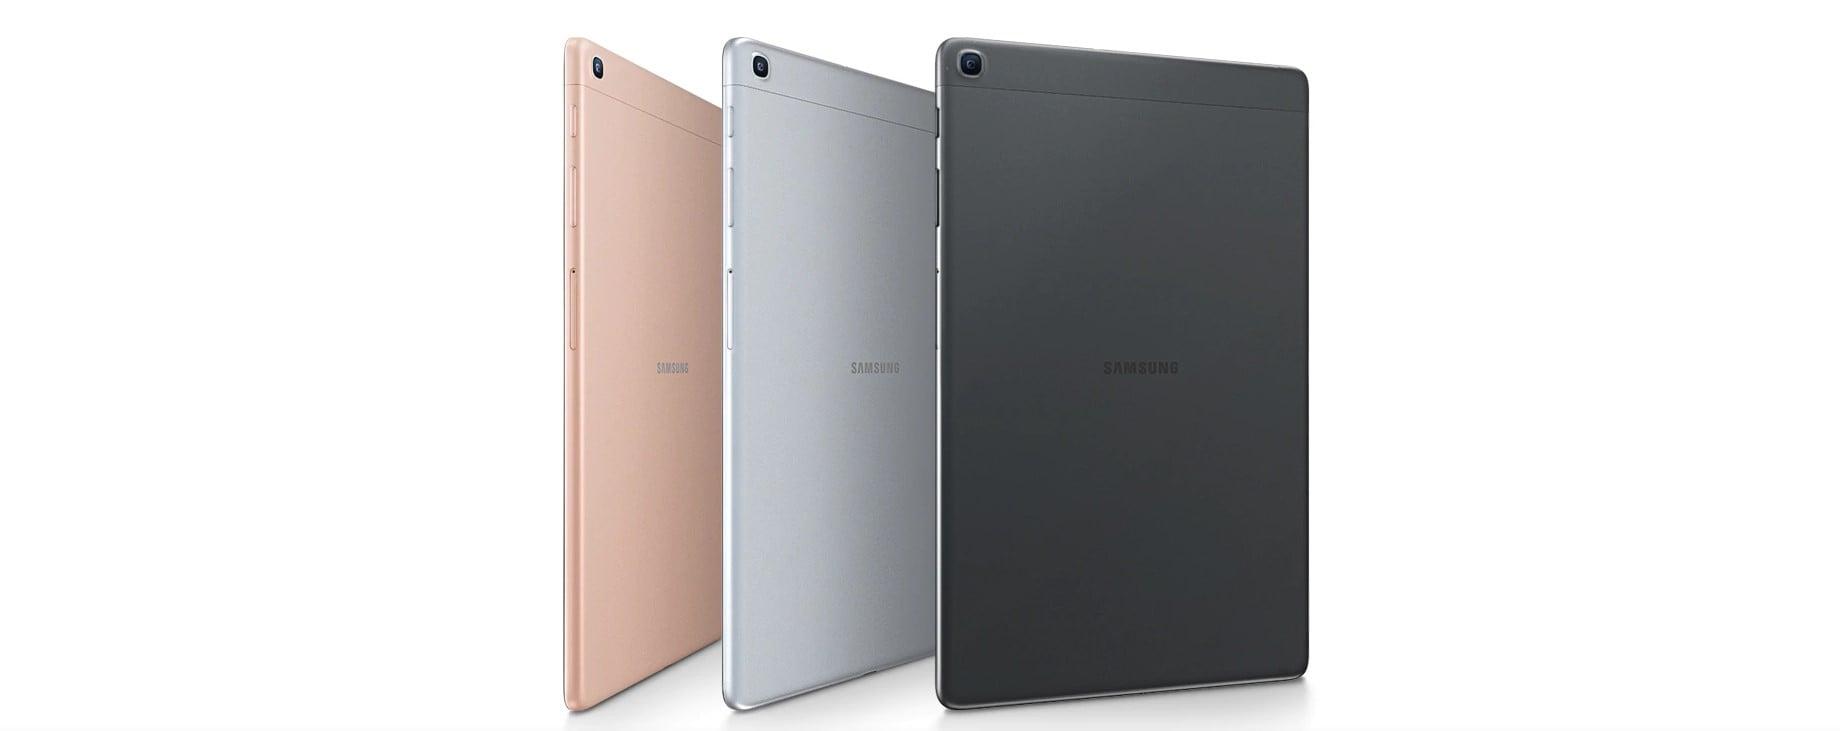 Samsung najwyraźniej przygotowuje się do małej ofensywy na rynku tabletów